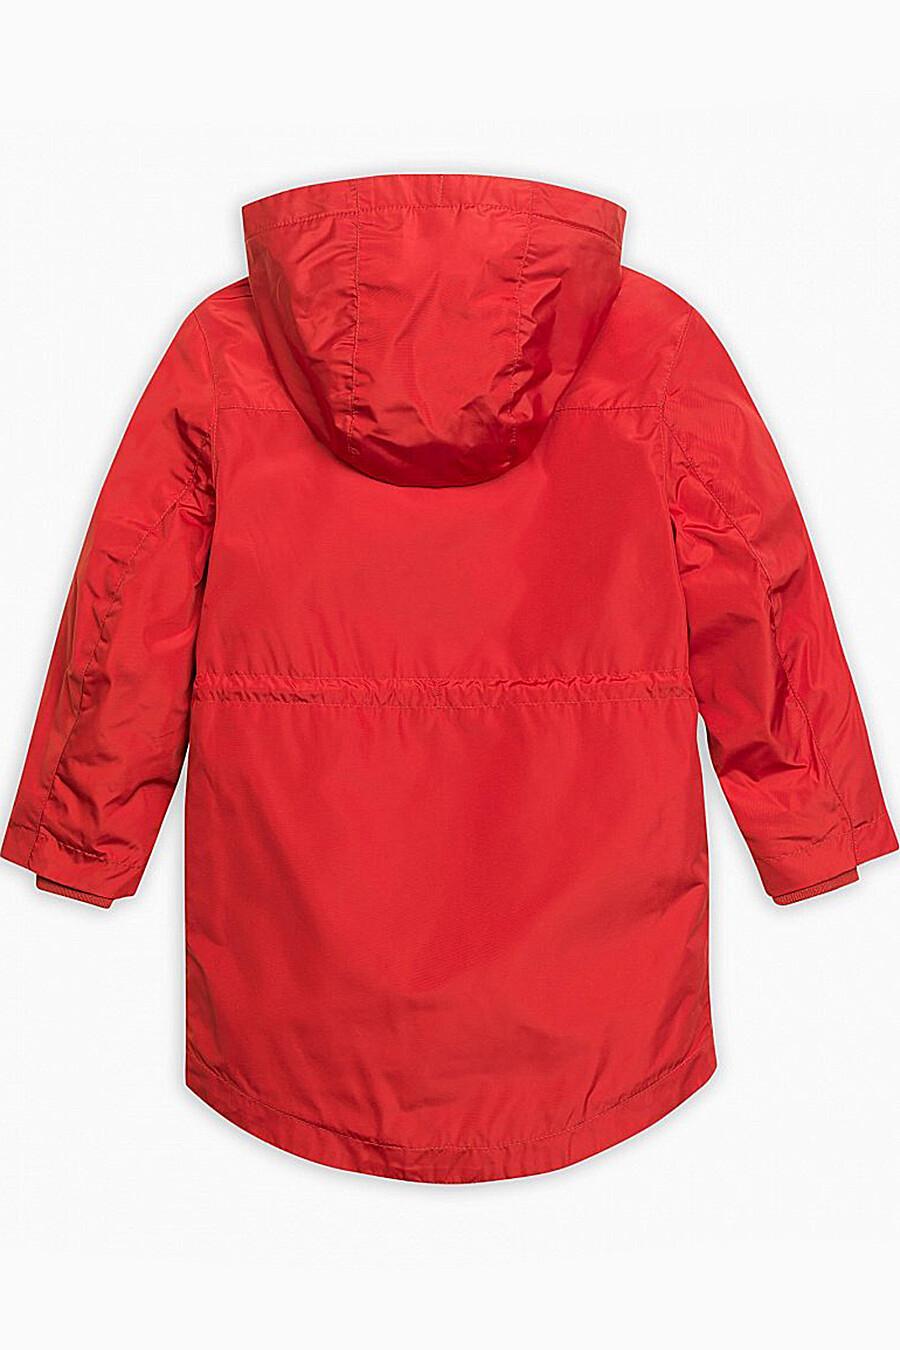 Плащ для мальчиков PELICAN 116750 купить оптом от производителя. Совместная покупка детской одежды в OptMoyo